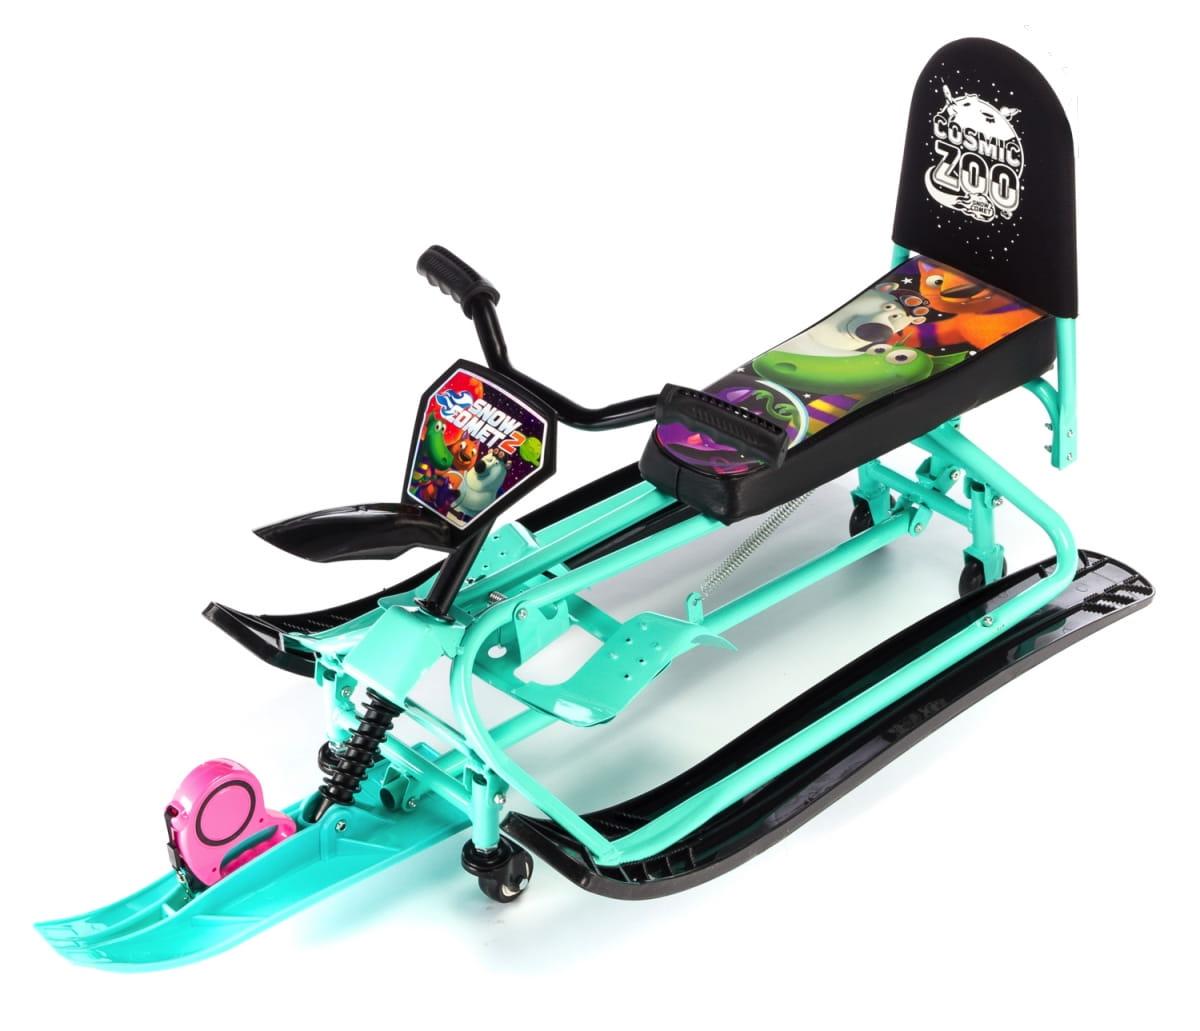 Детский снегокат-трансформер Small Rider Snow Comet 2  аква - Снегокаты и санки